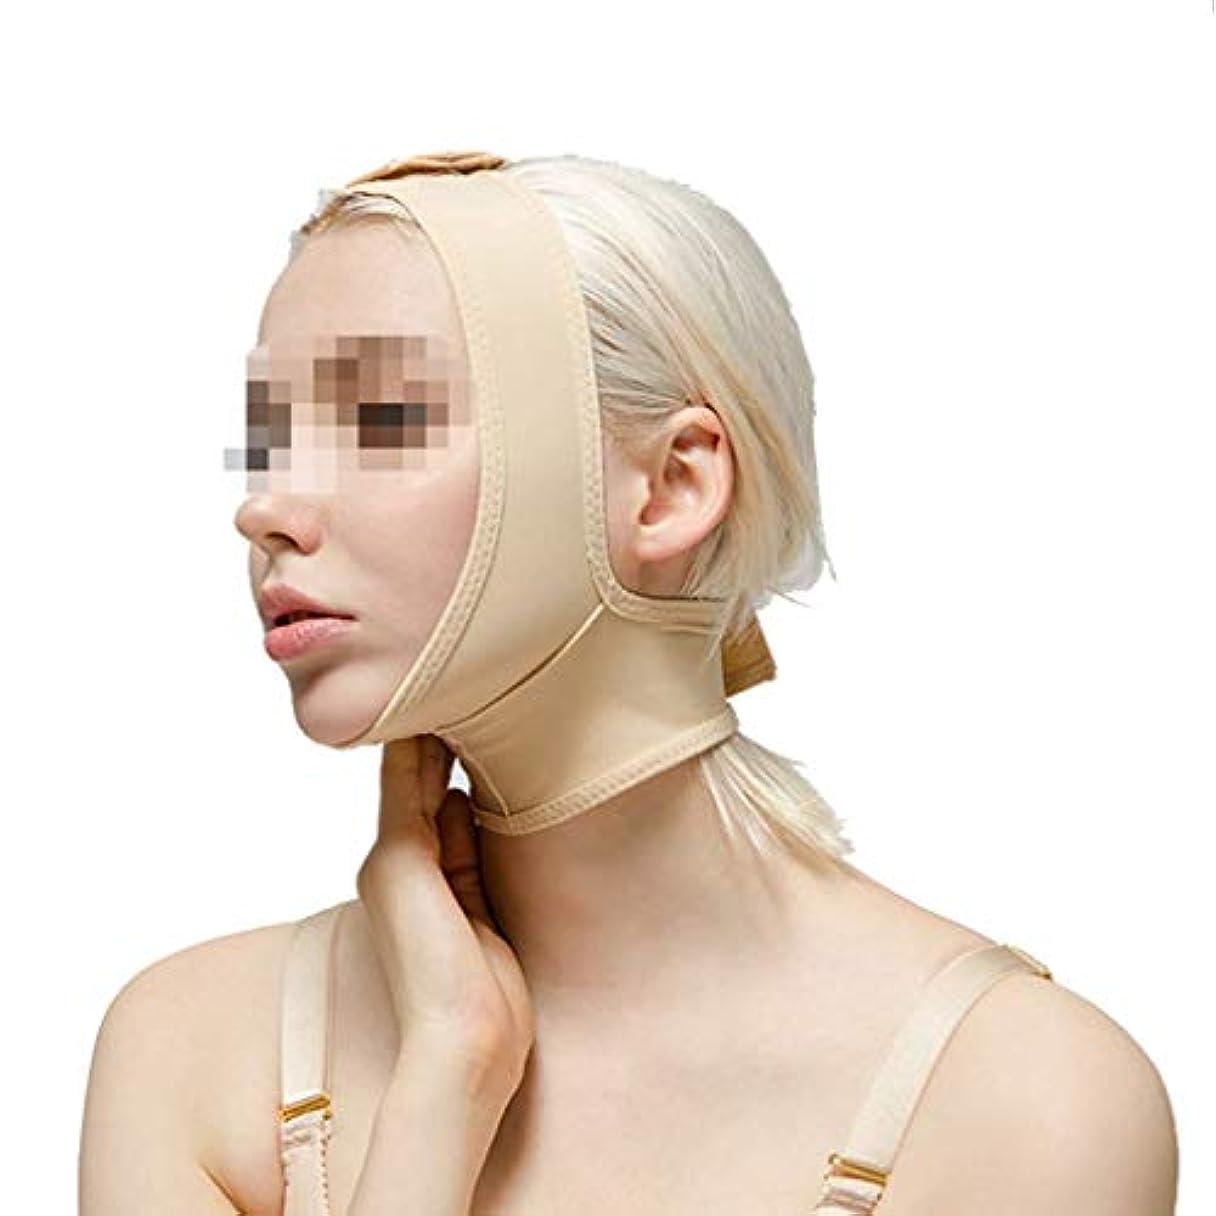 荒らす止まる中止します術後伸縮性スリーブ、下顎束フェイスバンデージフェイシャルビームダブルチンシンフェイスマスクマルチサイズオプション(サイズ:L),M